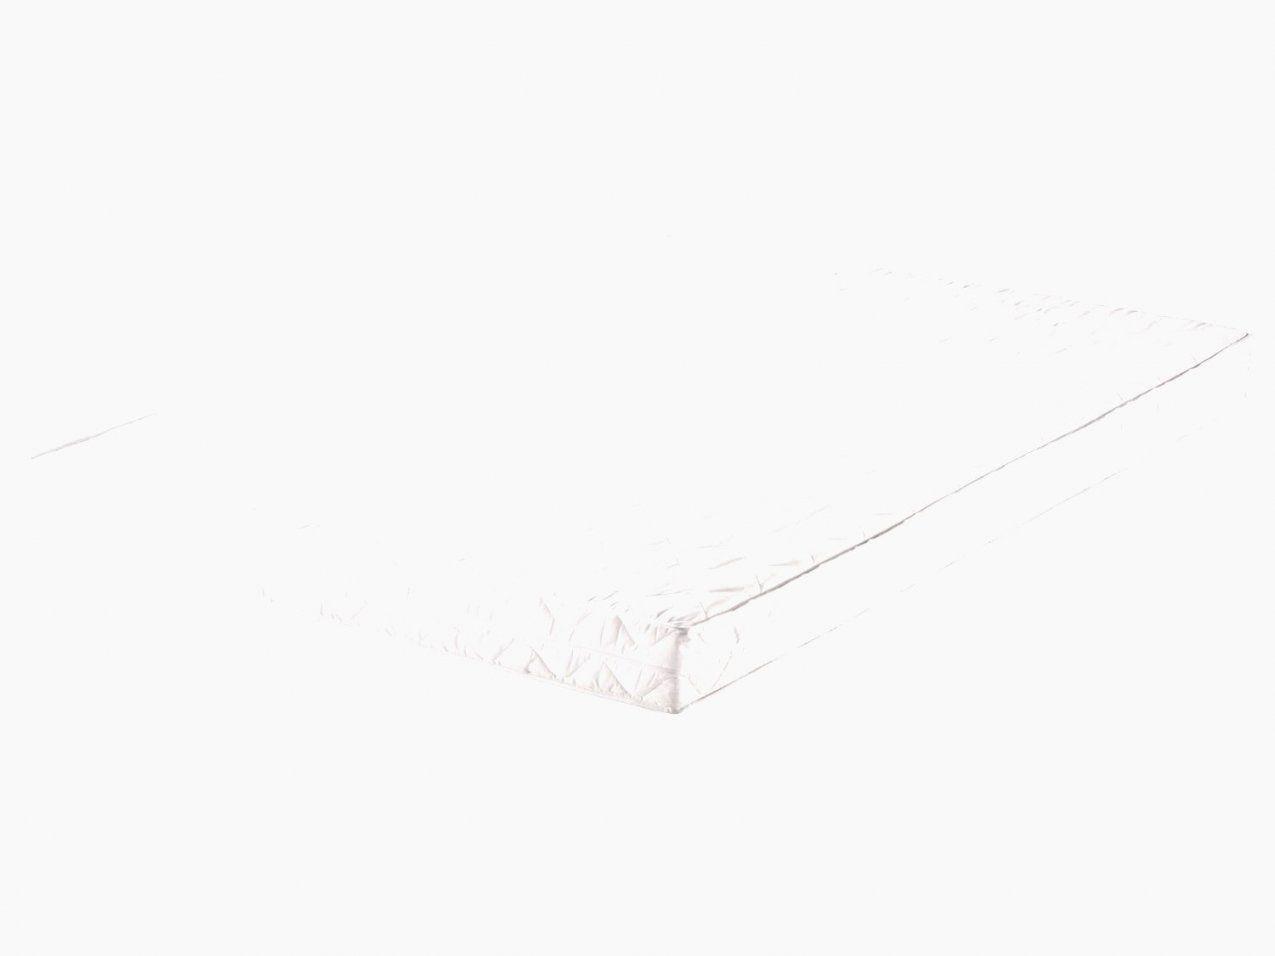 Fantastisch 140X200 Aldi Meradiso Komfortmatratze 140 X 200 Cm Zoom von Meradiso Komfortmatratze 140 X 200 Cm Bild